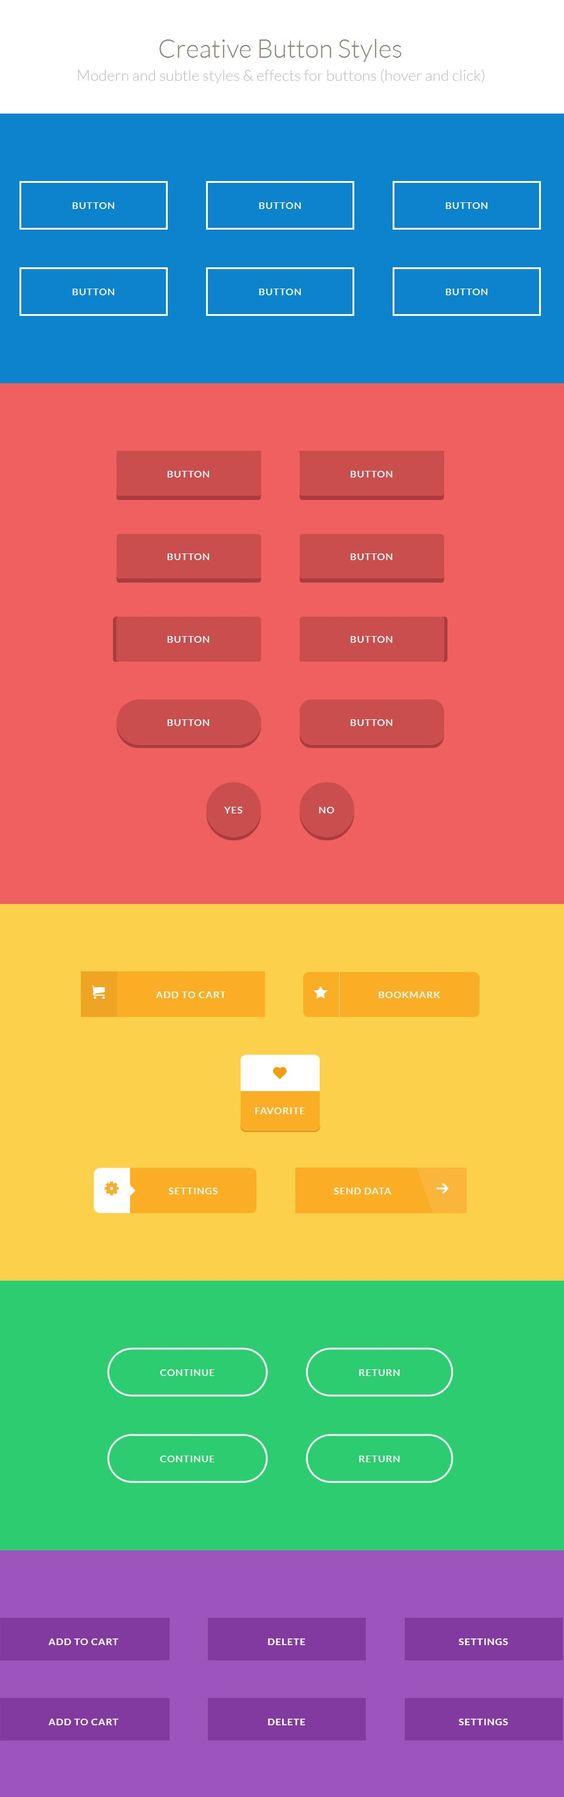 CSS3 Creative Buttons http://tympanus.net/Development/CreativeButtons/